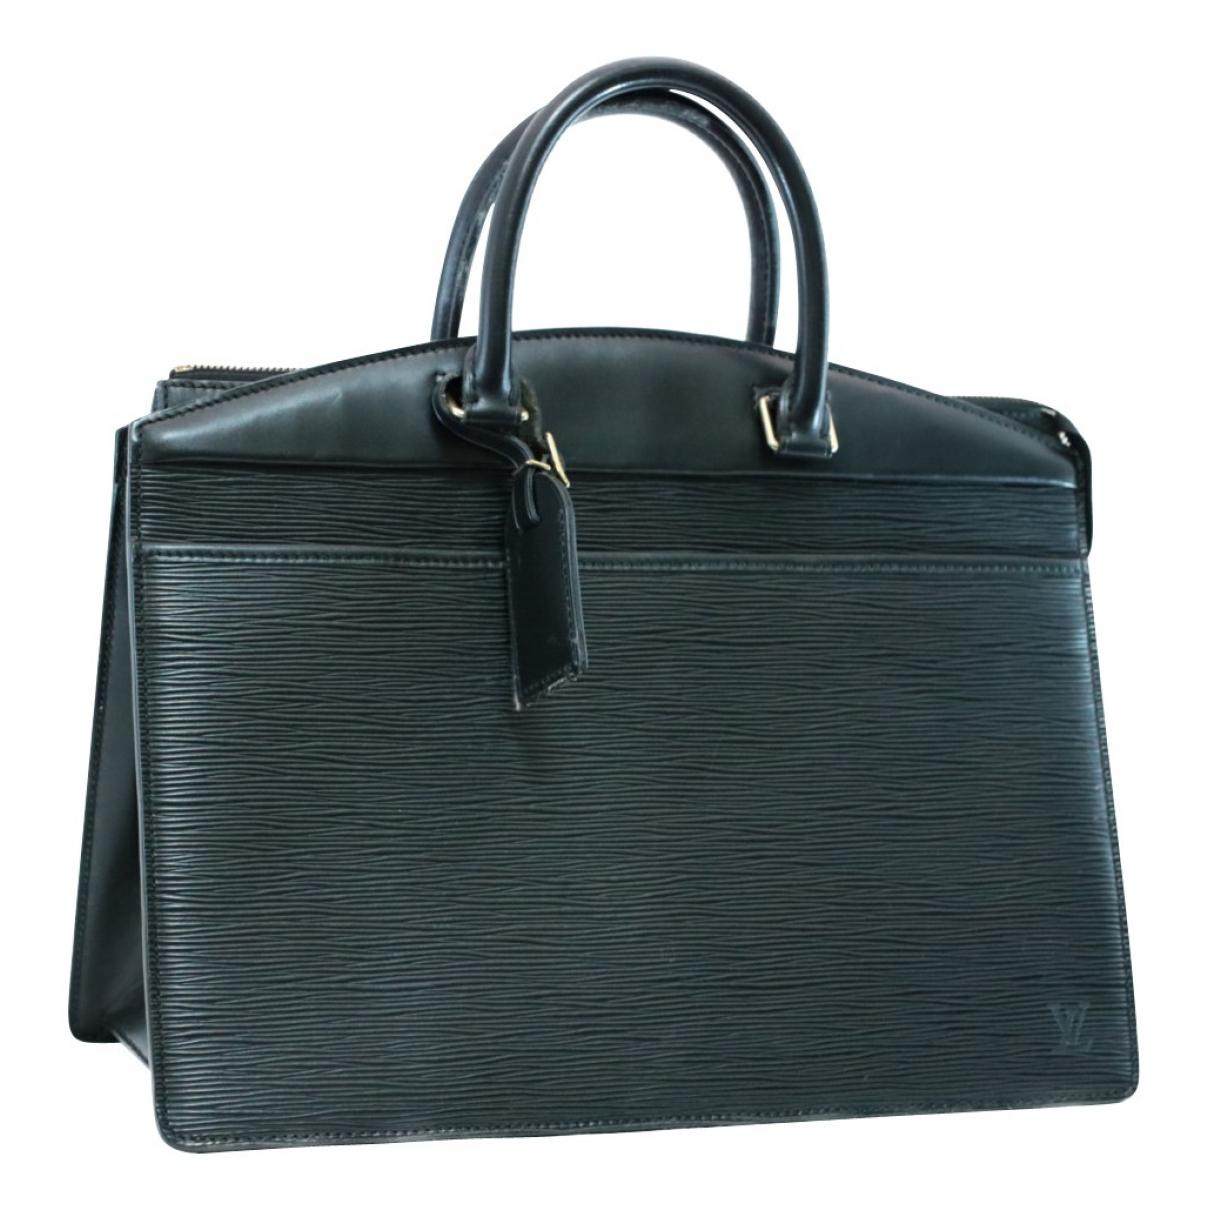 Louis Vuitton - Sac a main Riviera  pour femme en cuir verni - noir